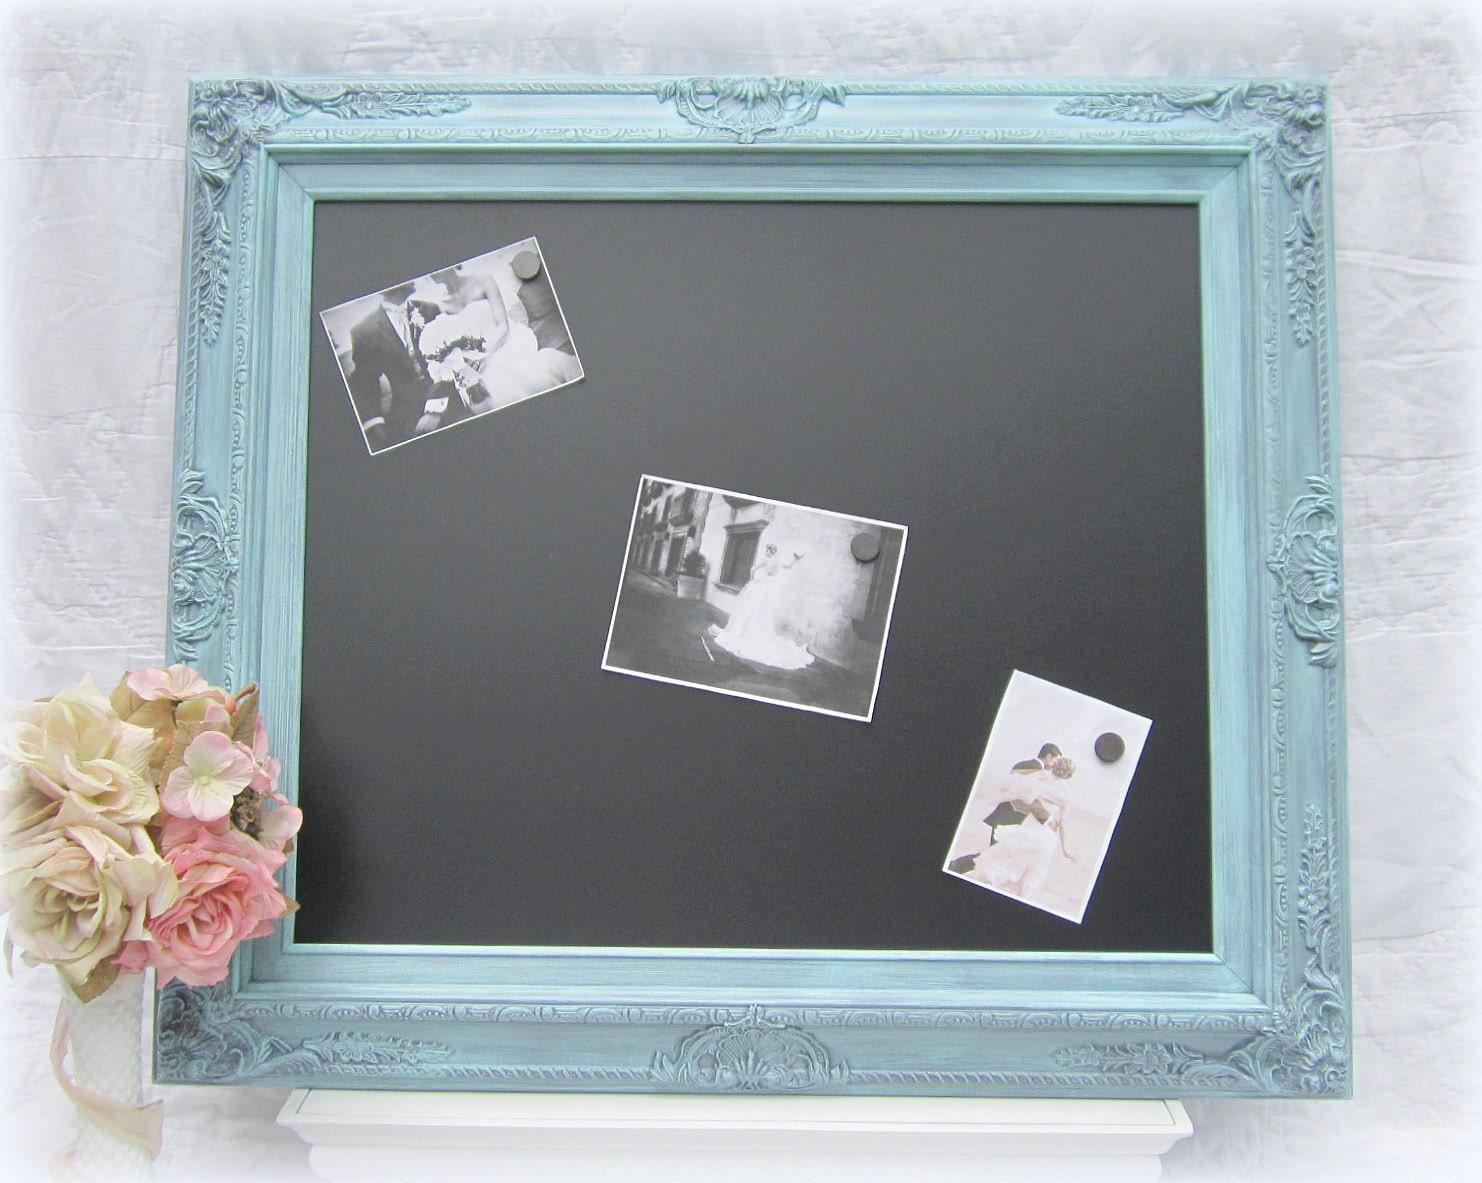 Kitchen Chalkboards For Sale Wedding Decor Teal By Revivedvintage